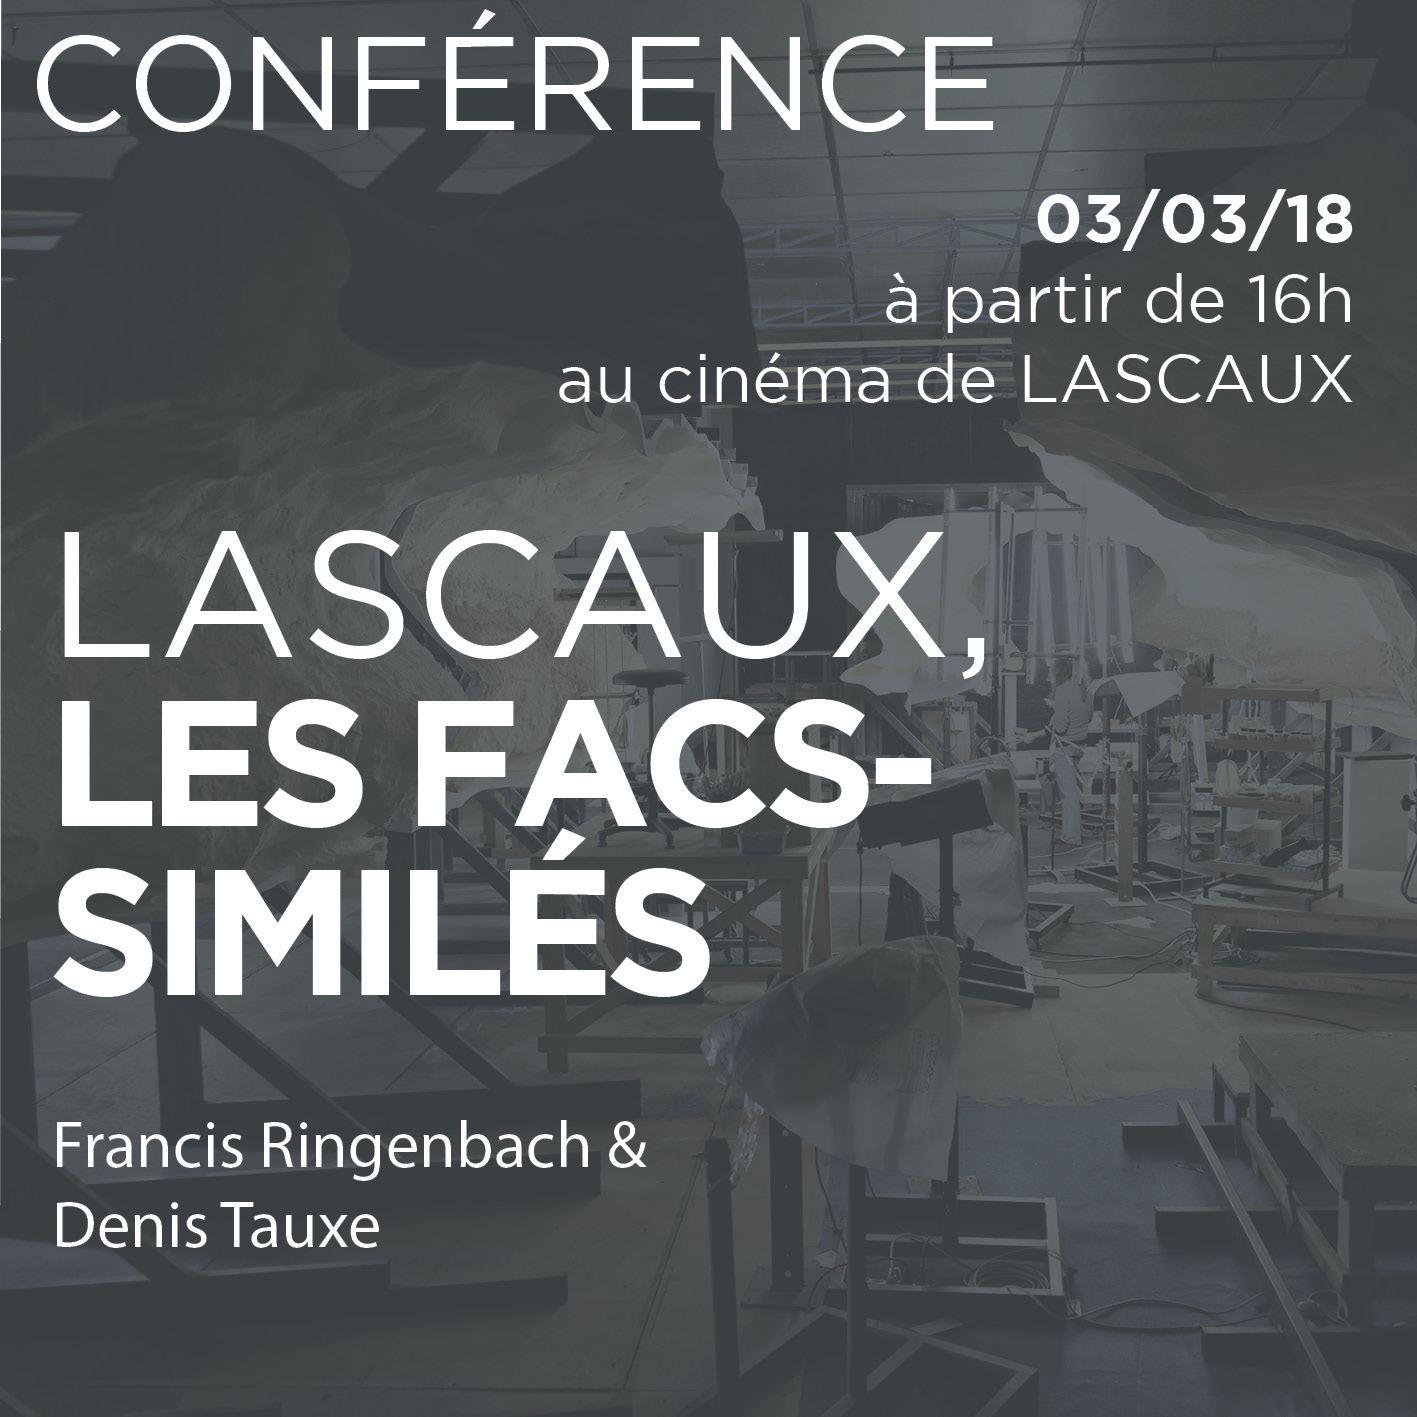 Conférences Lascaux 03/03/2018 RIGNENBACH & TAUXE